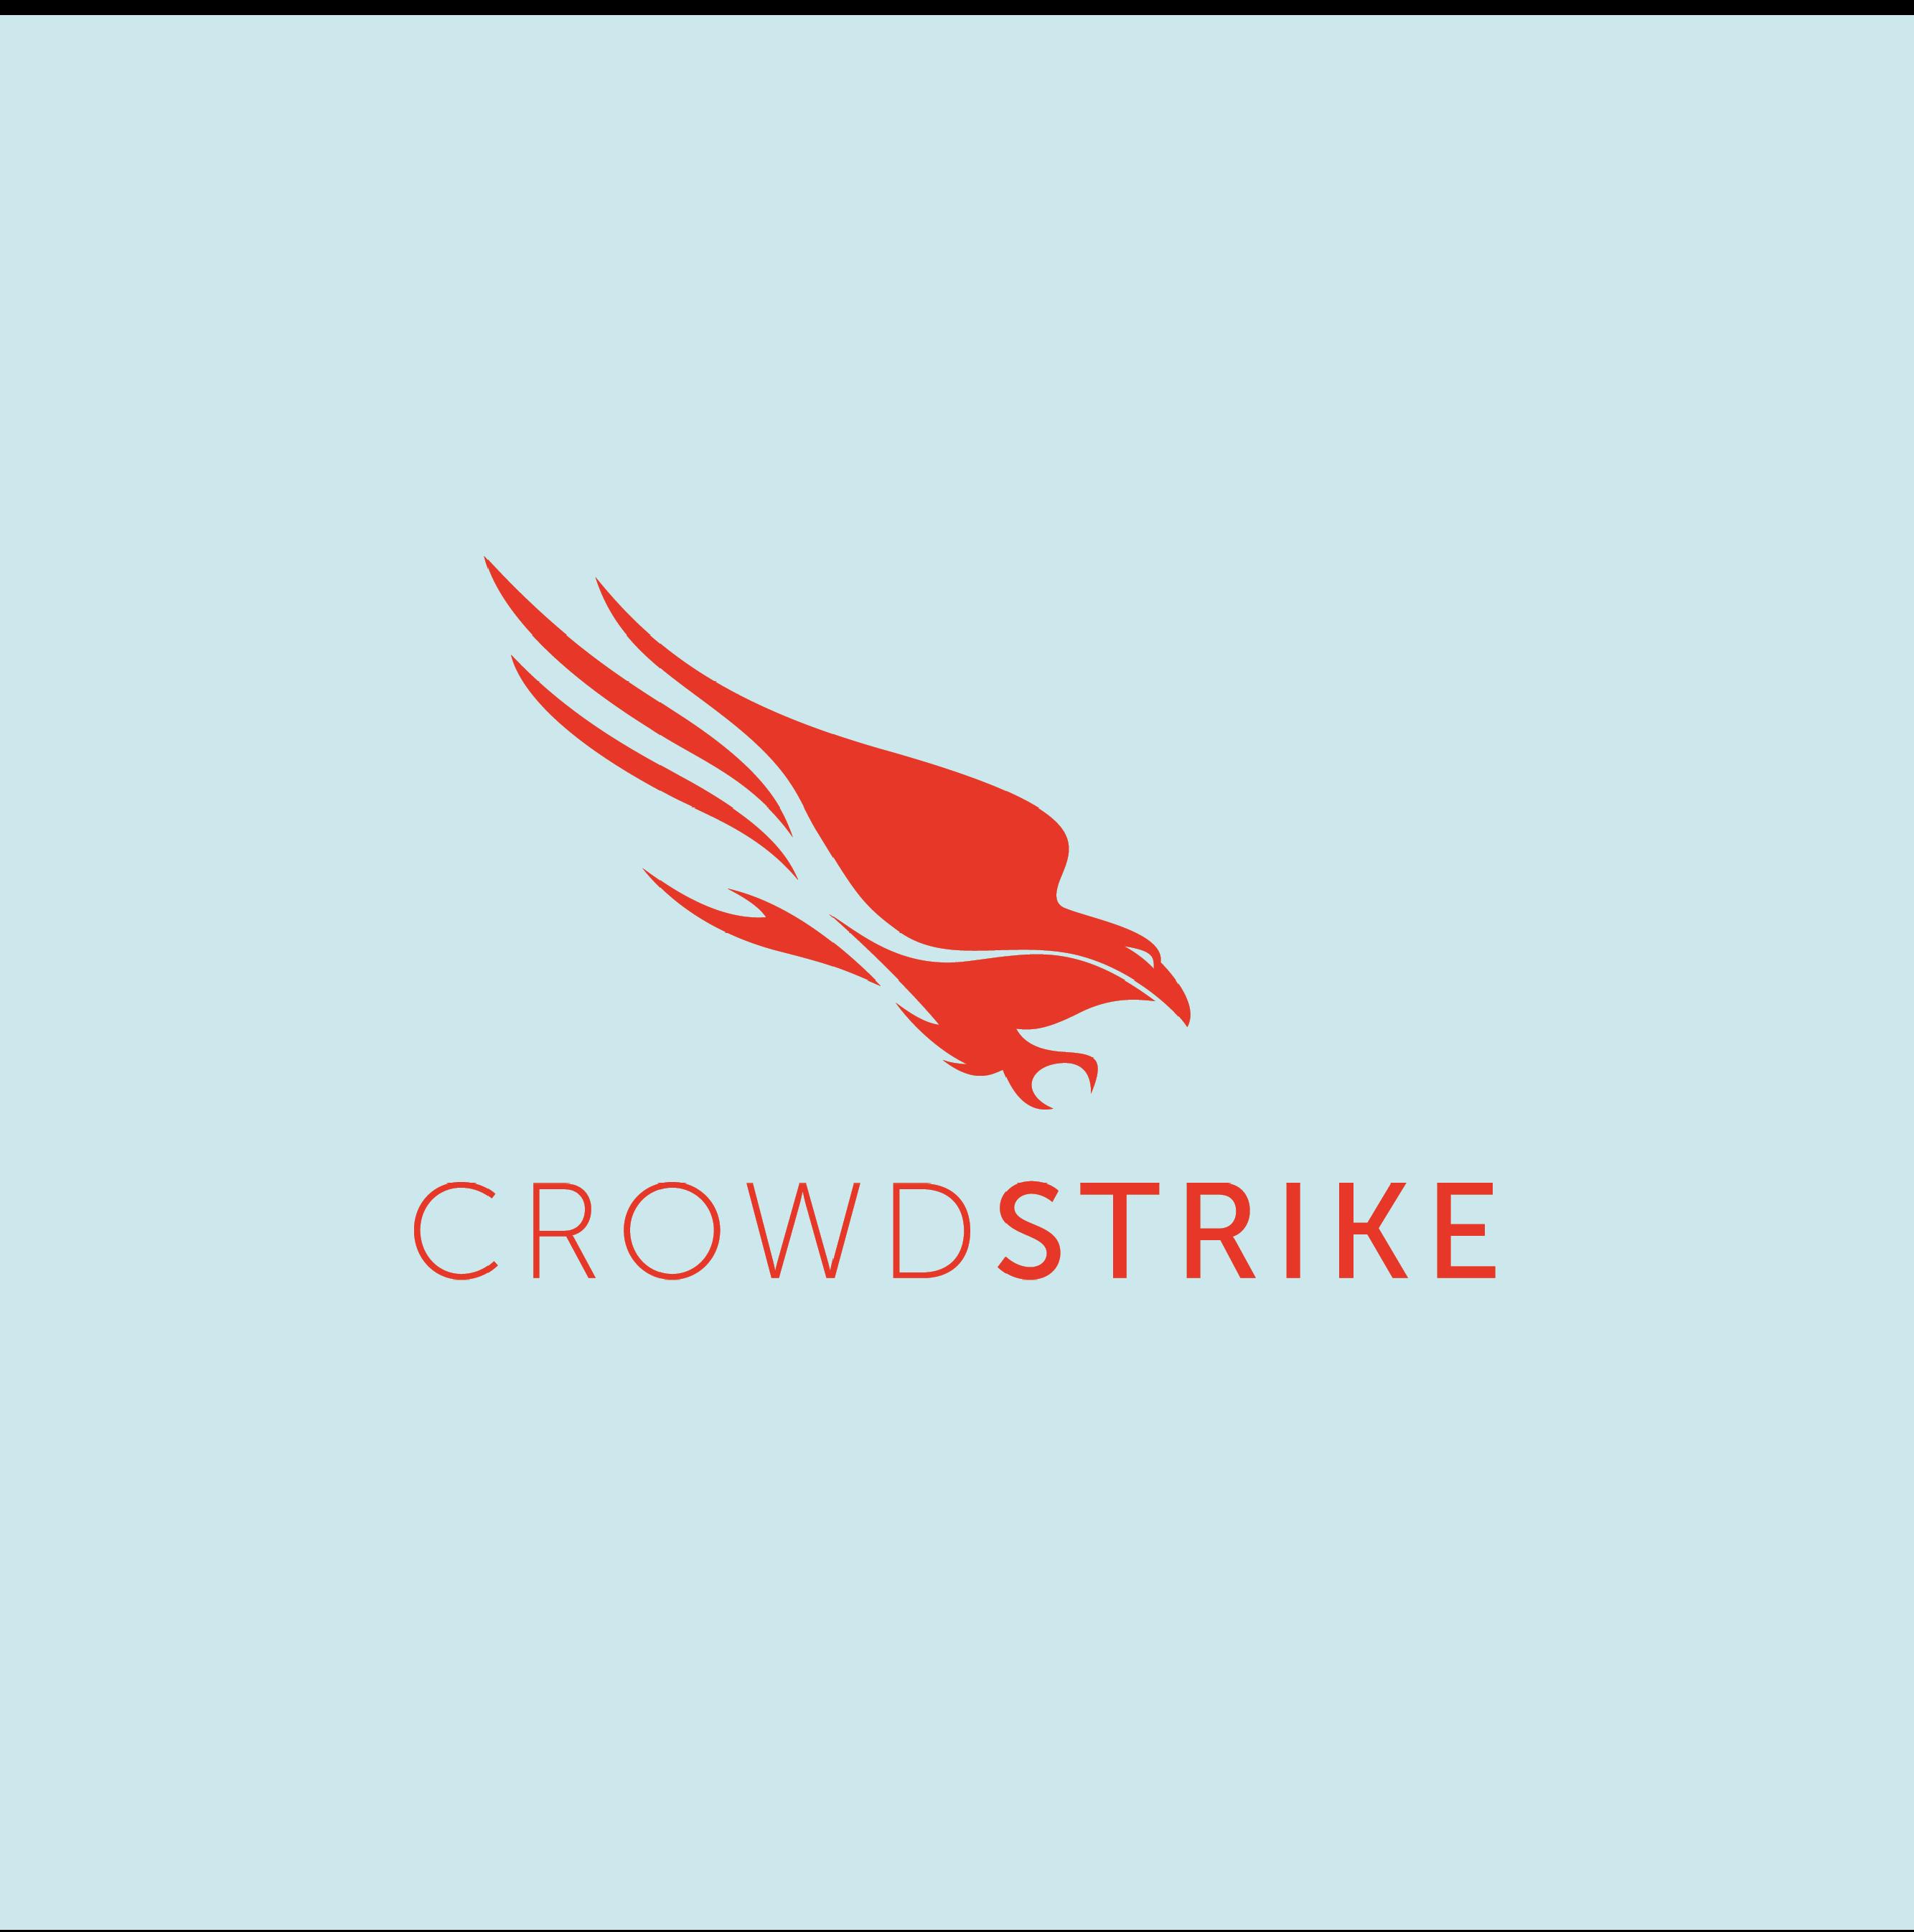 CRWD logo